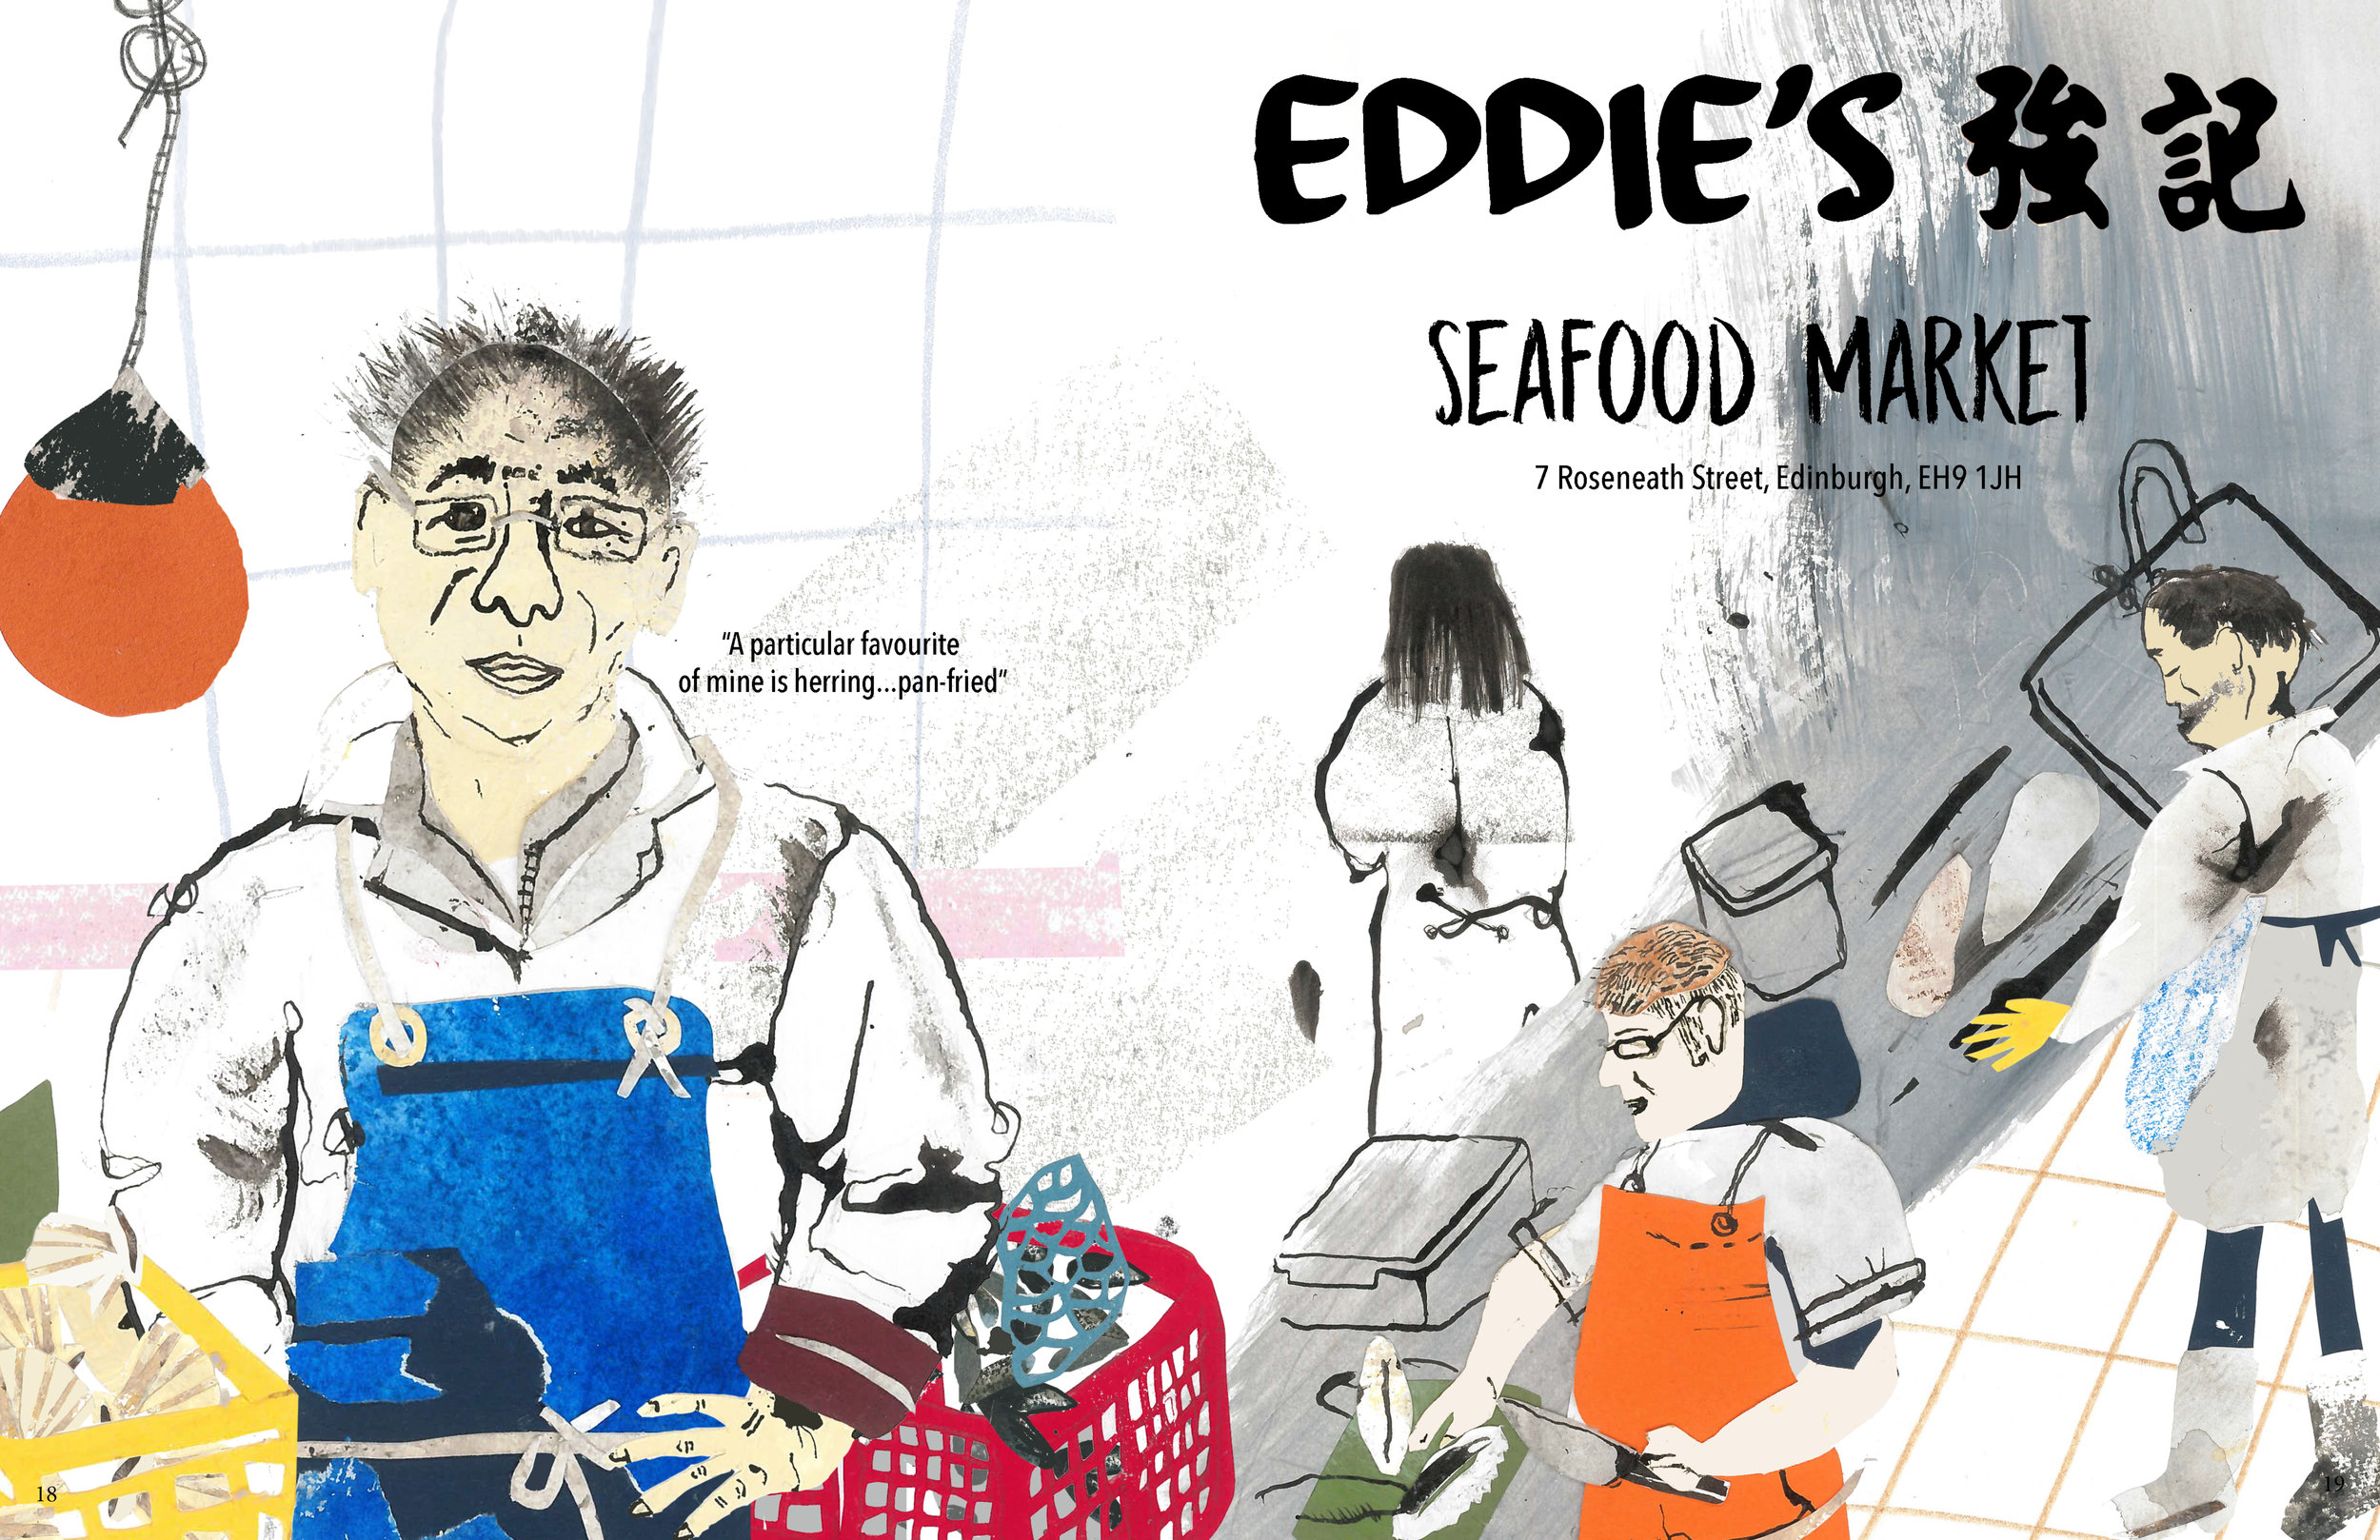 seafood market.jpg